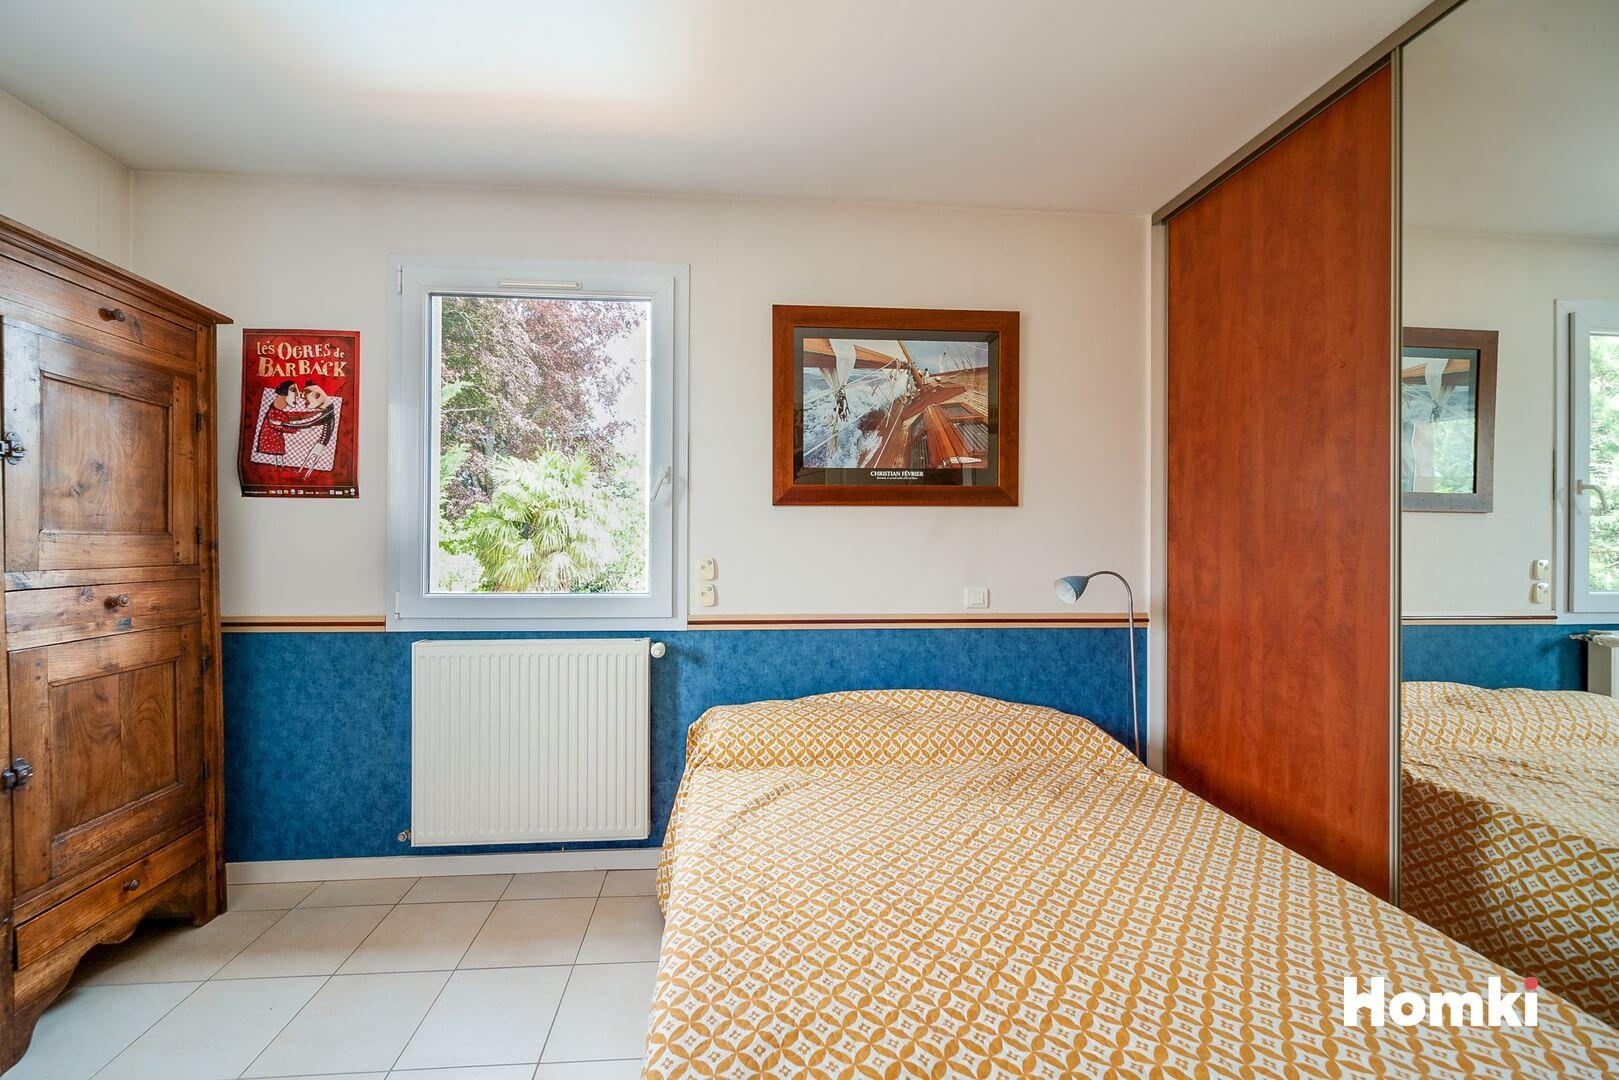 Homki - Vente Maison/villa  de 230.0 m² à Mâcon 71000